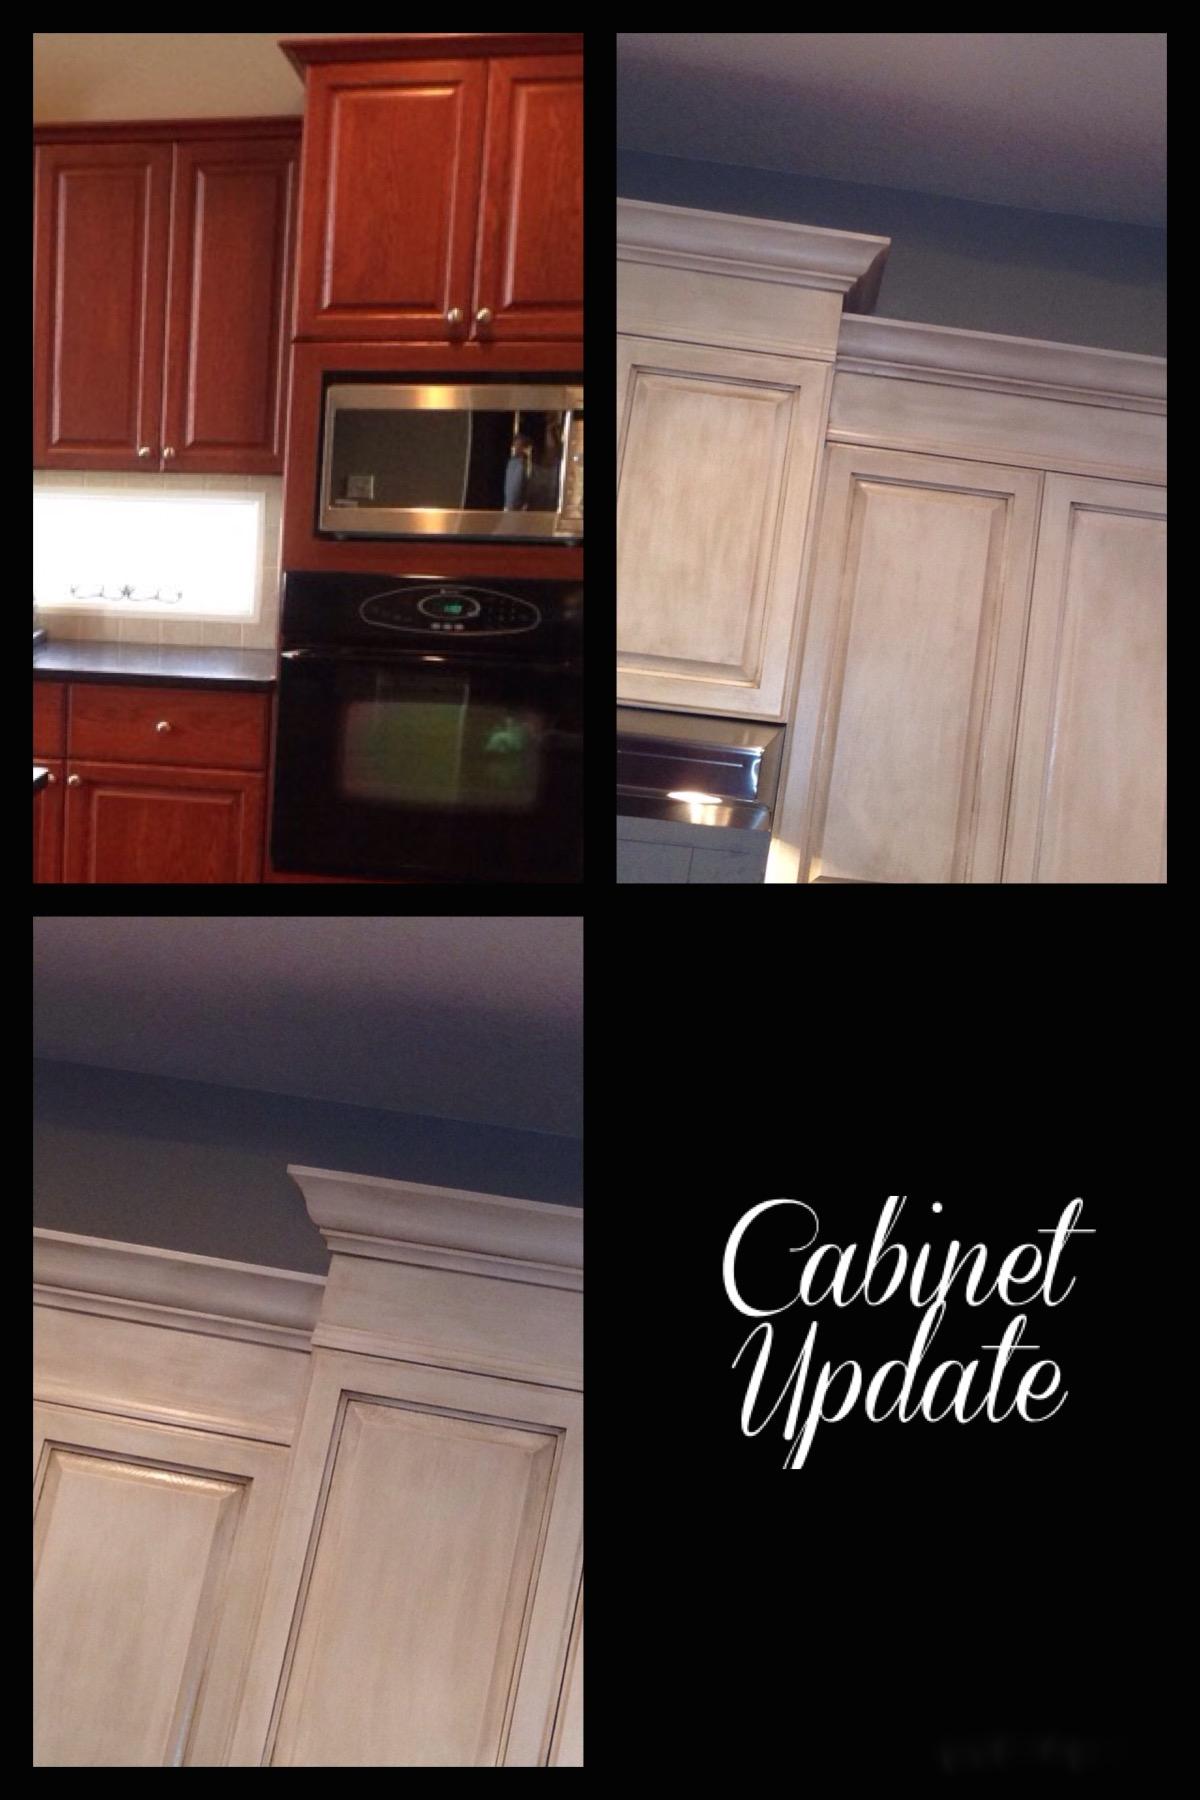 Cabinet Update